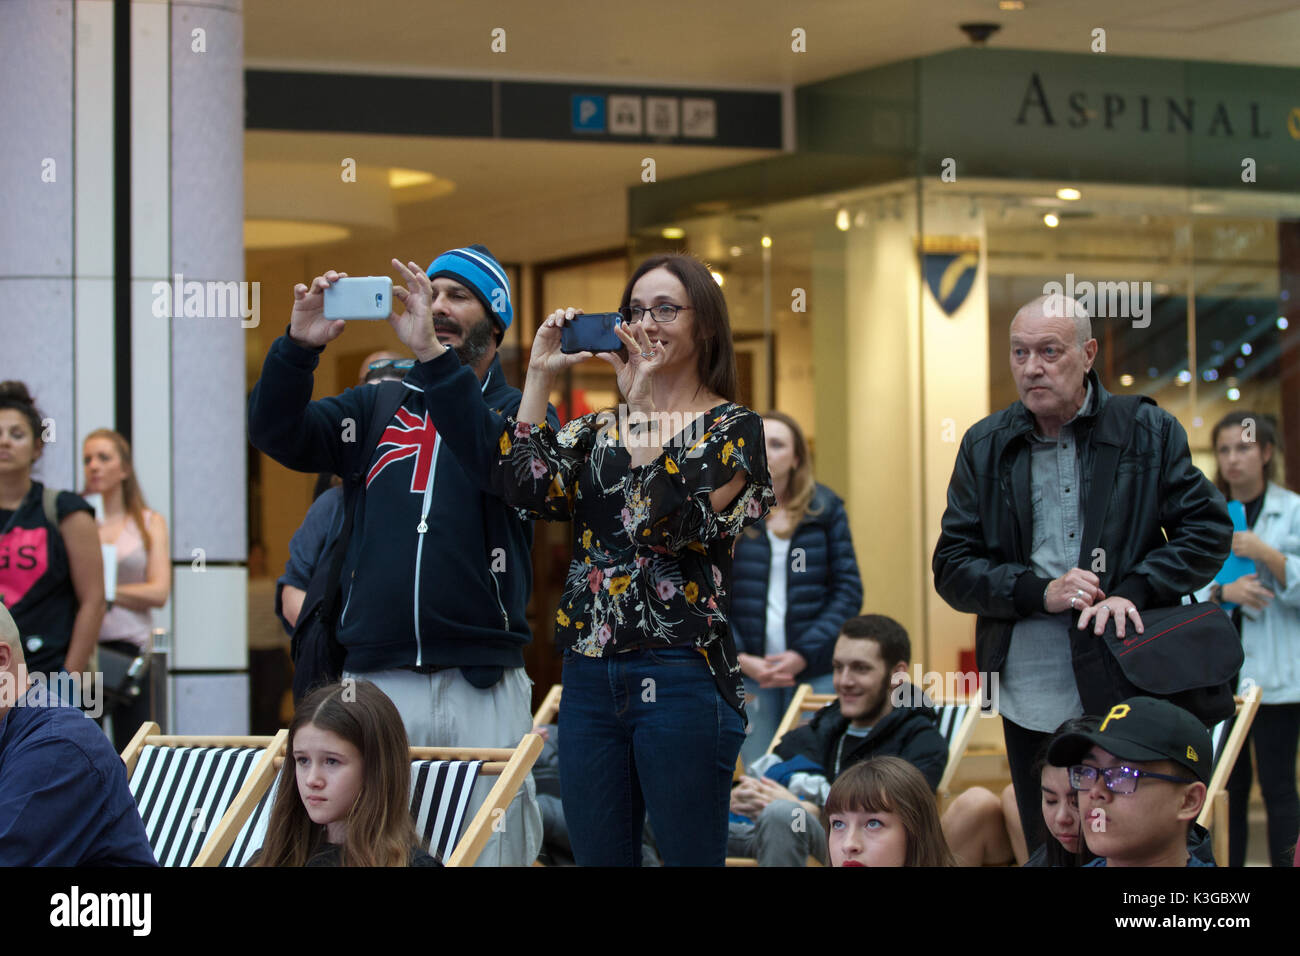 Londres, Royaume-Uni. 3 Septembre, 2017. Les gens prennent des photos avec leurs téléphones portables à la maire de Londres Concerts Grand Final qui a eu lieu à Westfield, bergers Bush, Londres. Douze finalistes il bataille .Concerts est plus qu'un concours. Pour ceux qui restent le cours, une foule de possibilités s'ouvre à eux par une plus large Busk à Londres - programme payé pas cher, les terres privées de la rue avec le potentiel de gains de travail, la gestion de l'événement et de l'industrie l'accès.©Keith Larby/Alamy Live News Banque D'Images